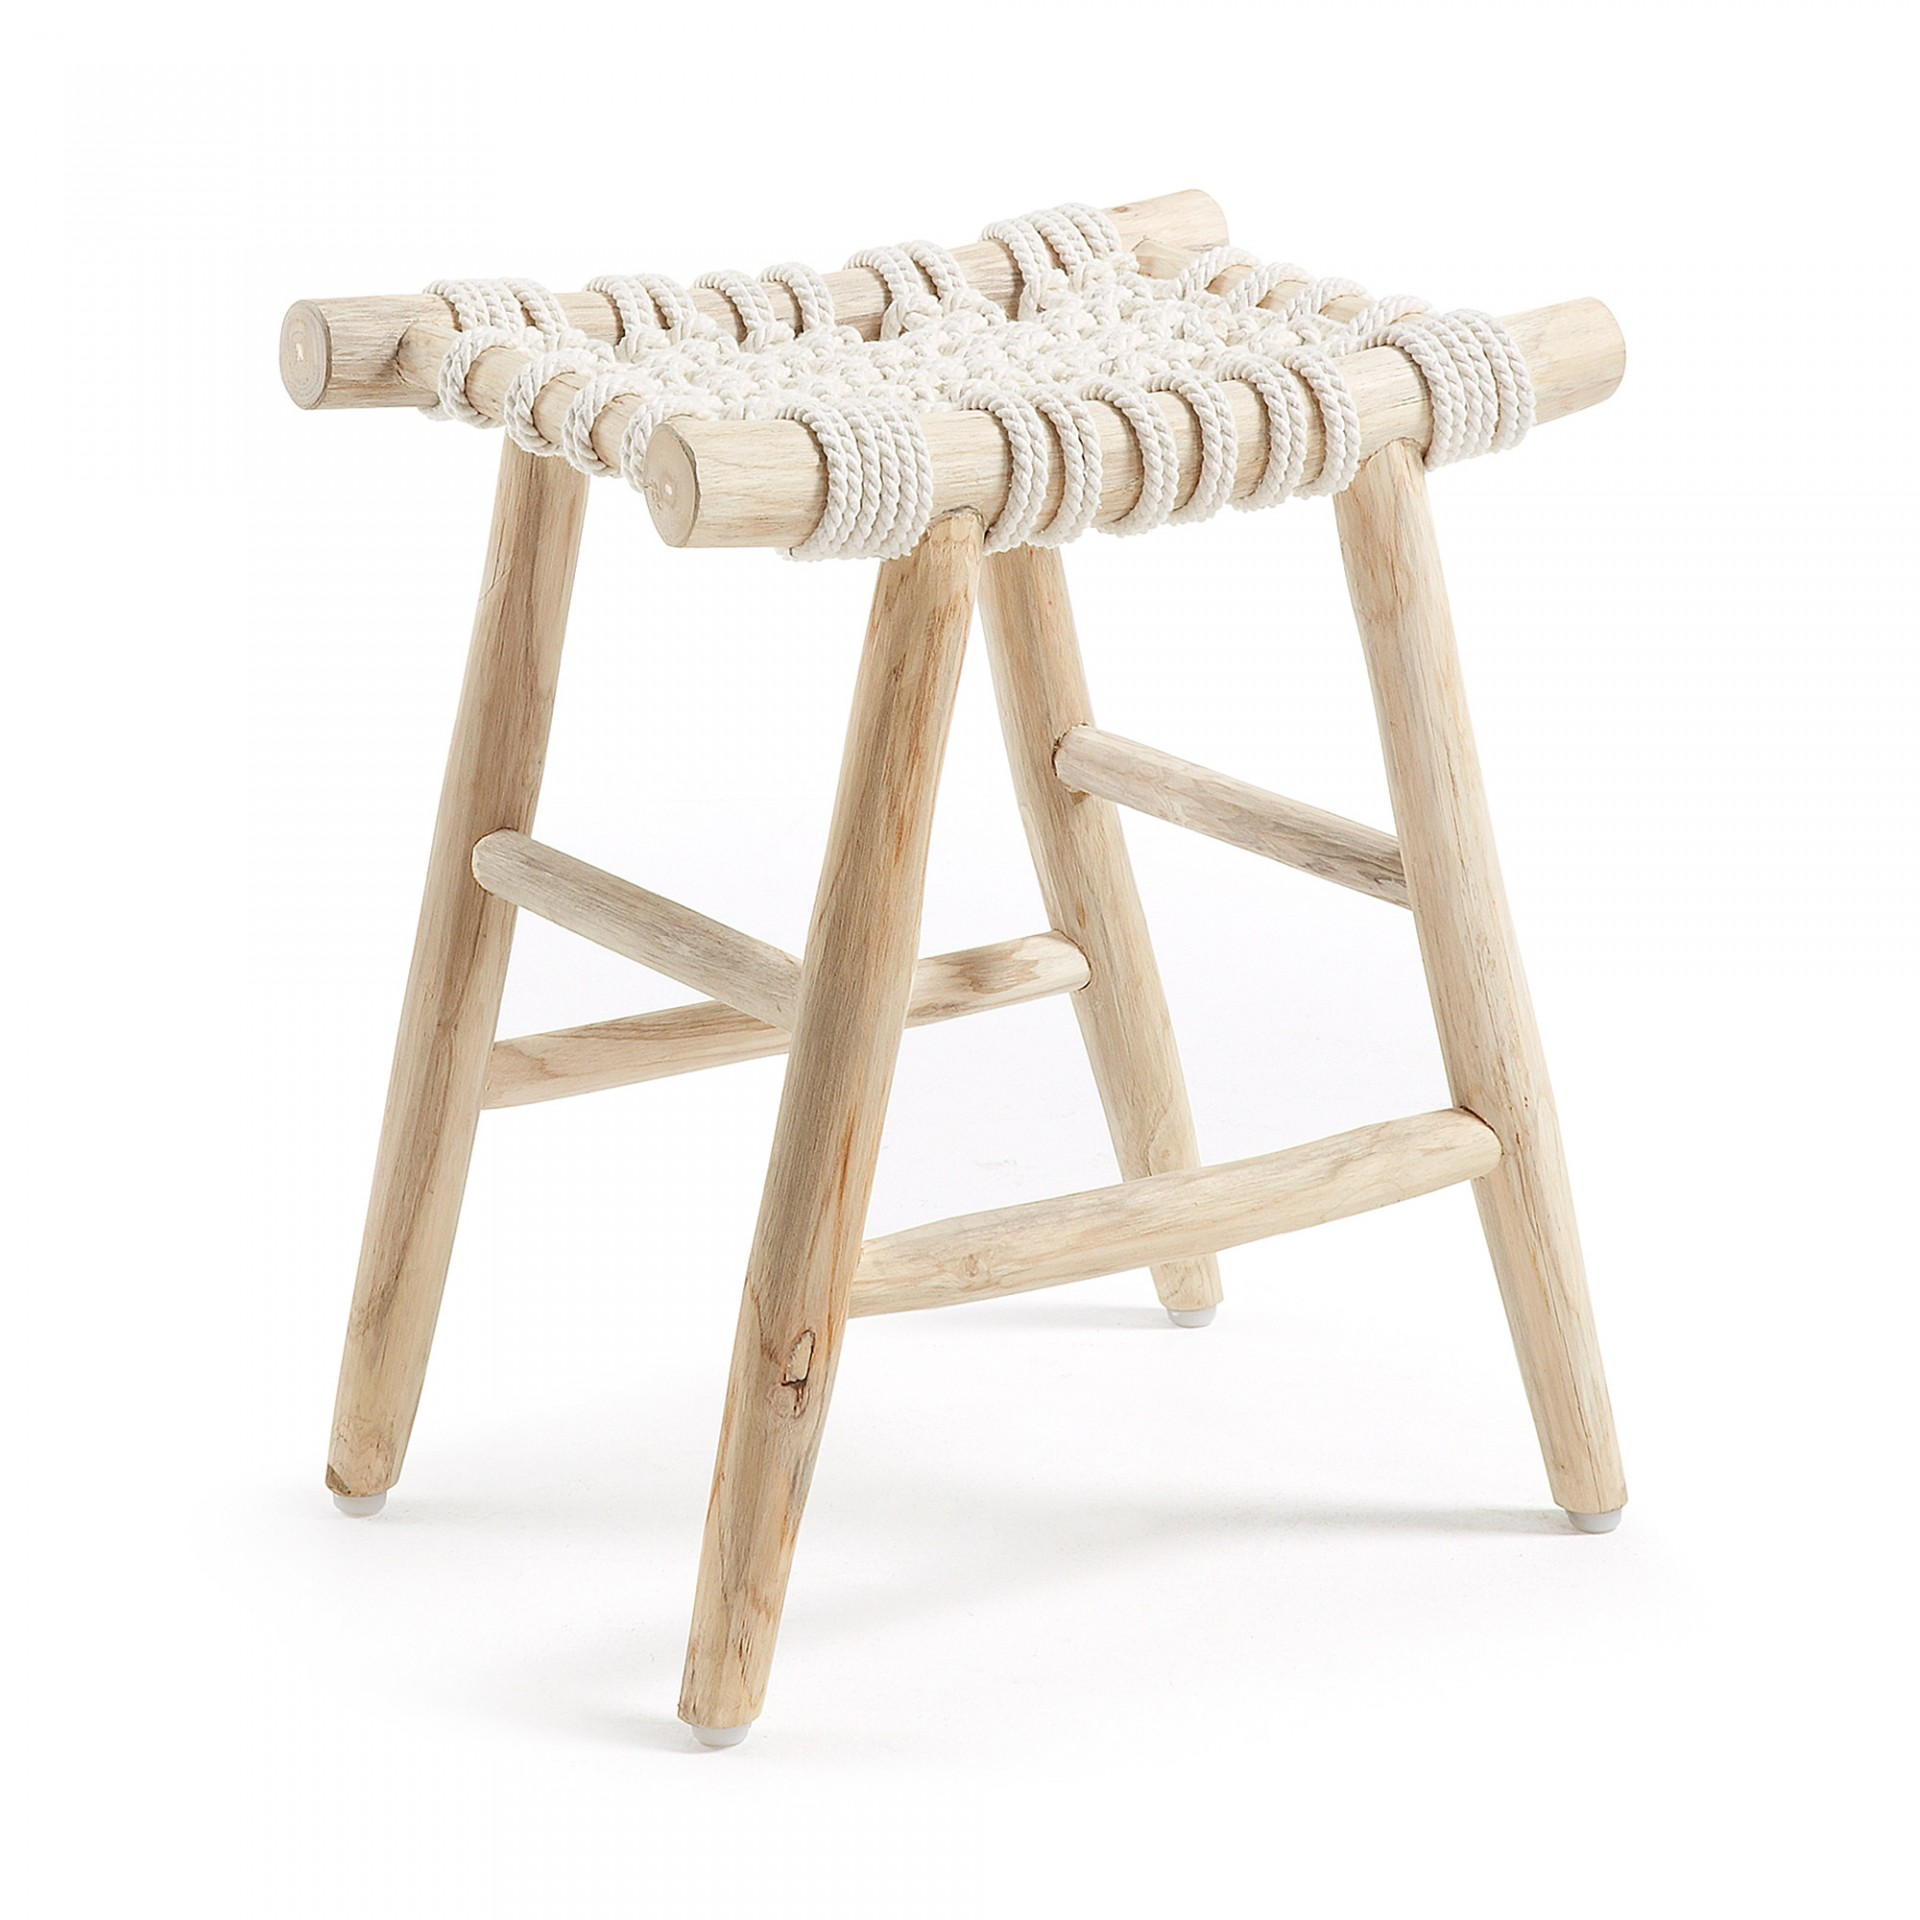 Tamborete em madeira teca e corda de algodão, 45x32 cm